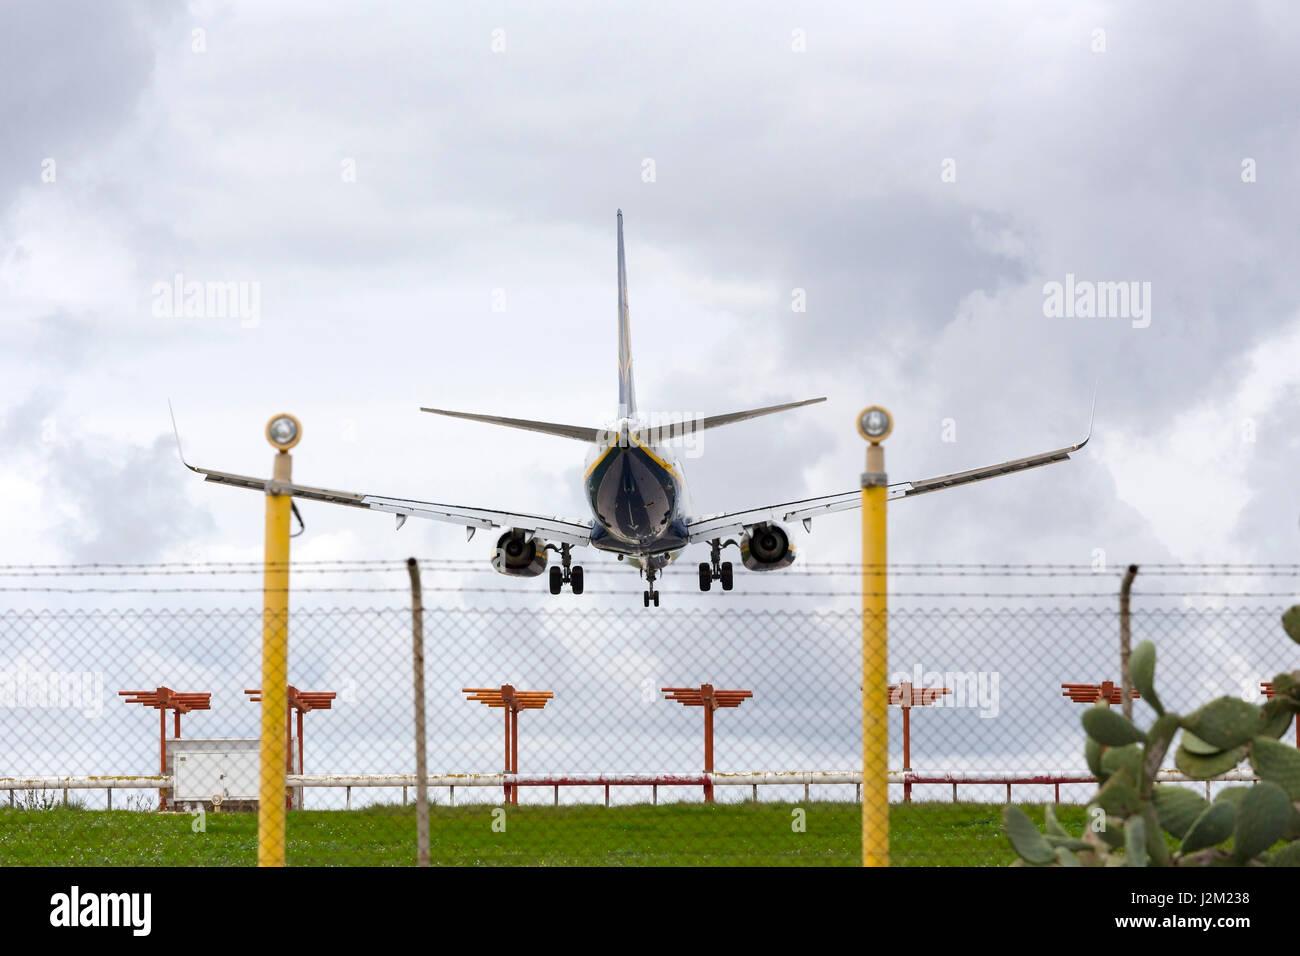 Ryanair Boeing 737-8AS on short finals runway 31. - Stock Image